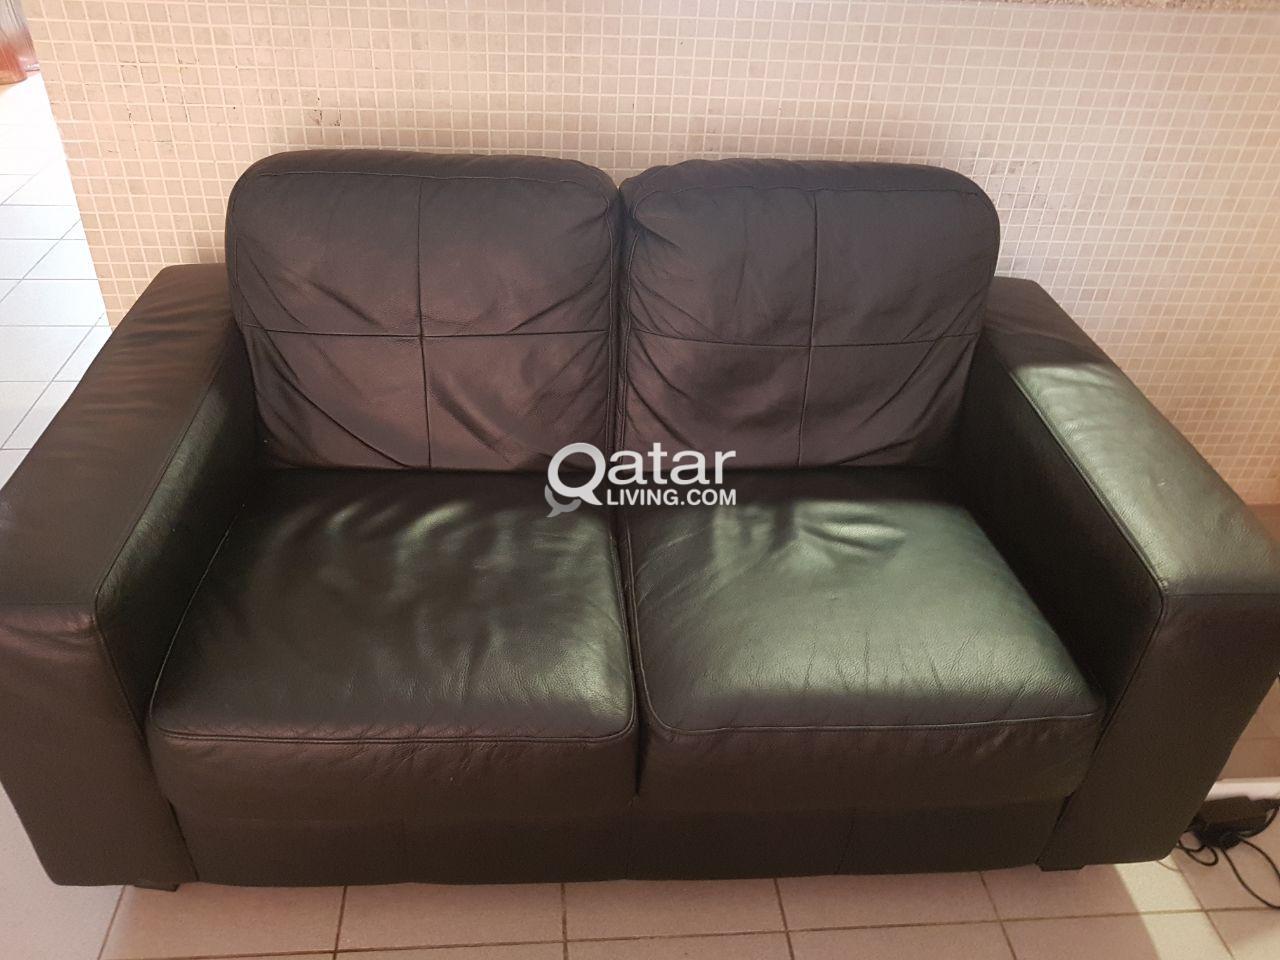 2 Seater Leather Sofa Ikea Qatar Living